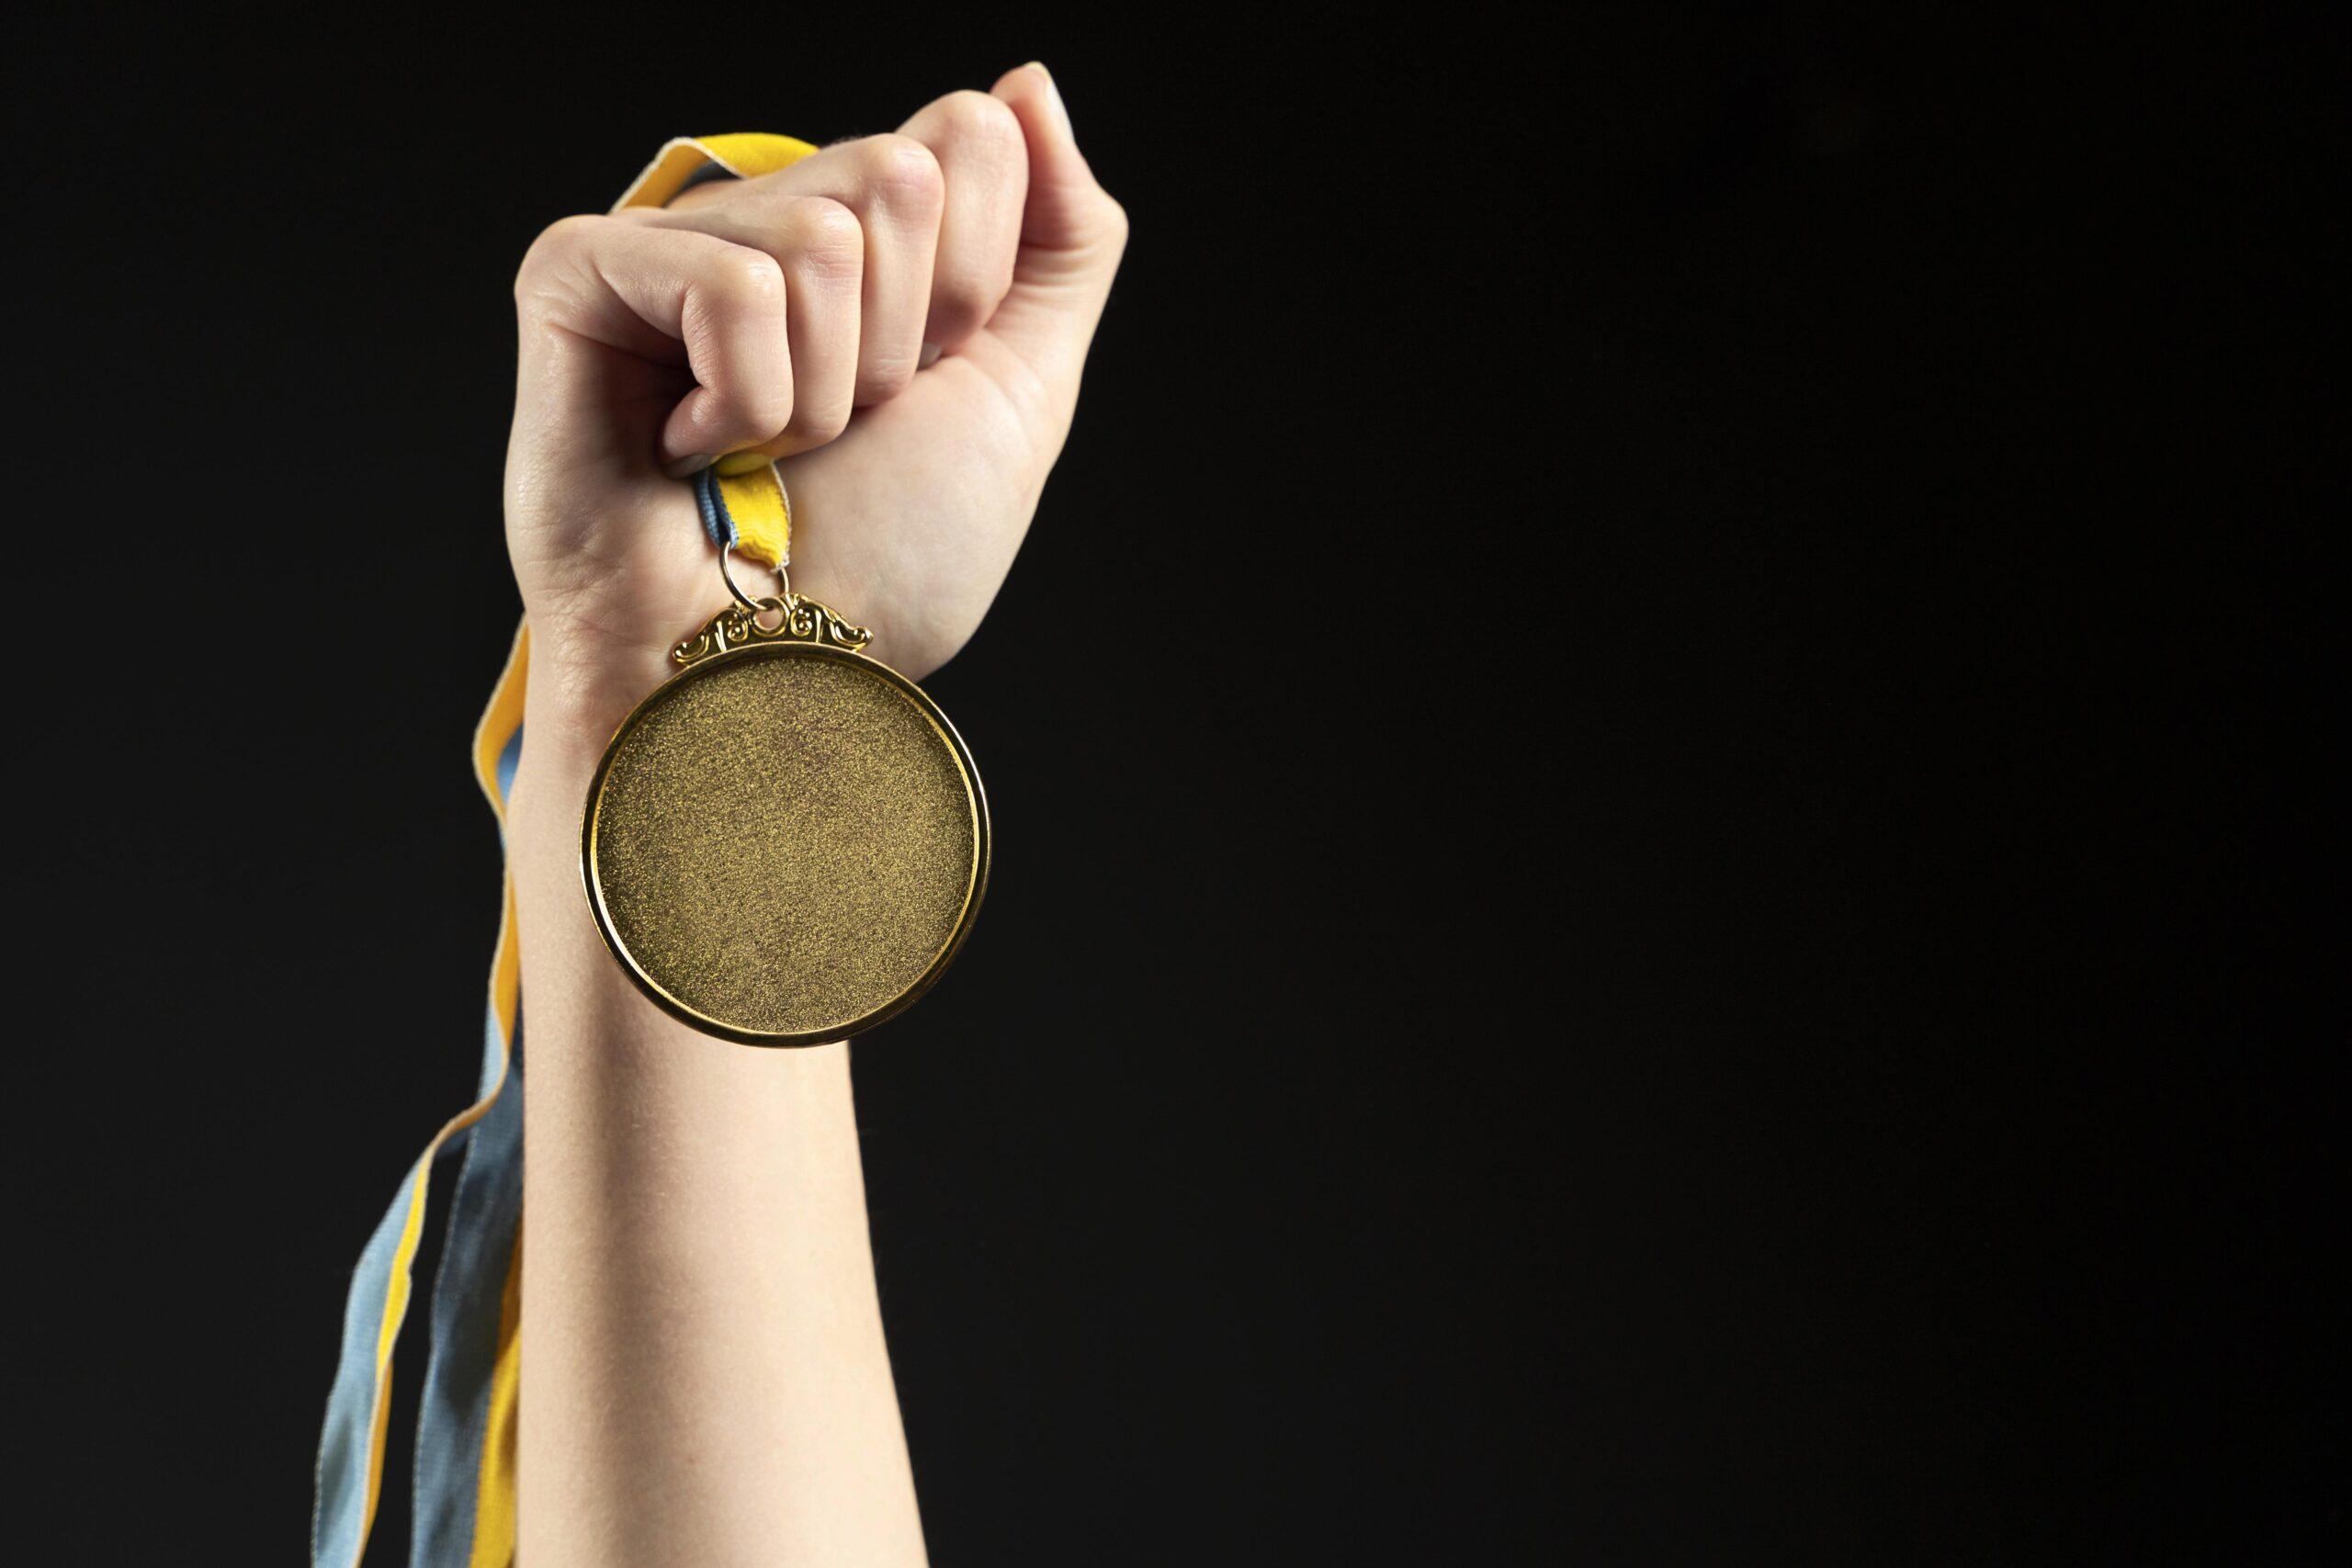 Mano sosteniendo una medalla de oro